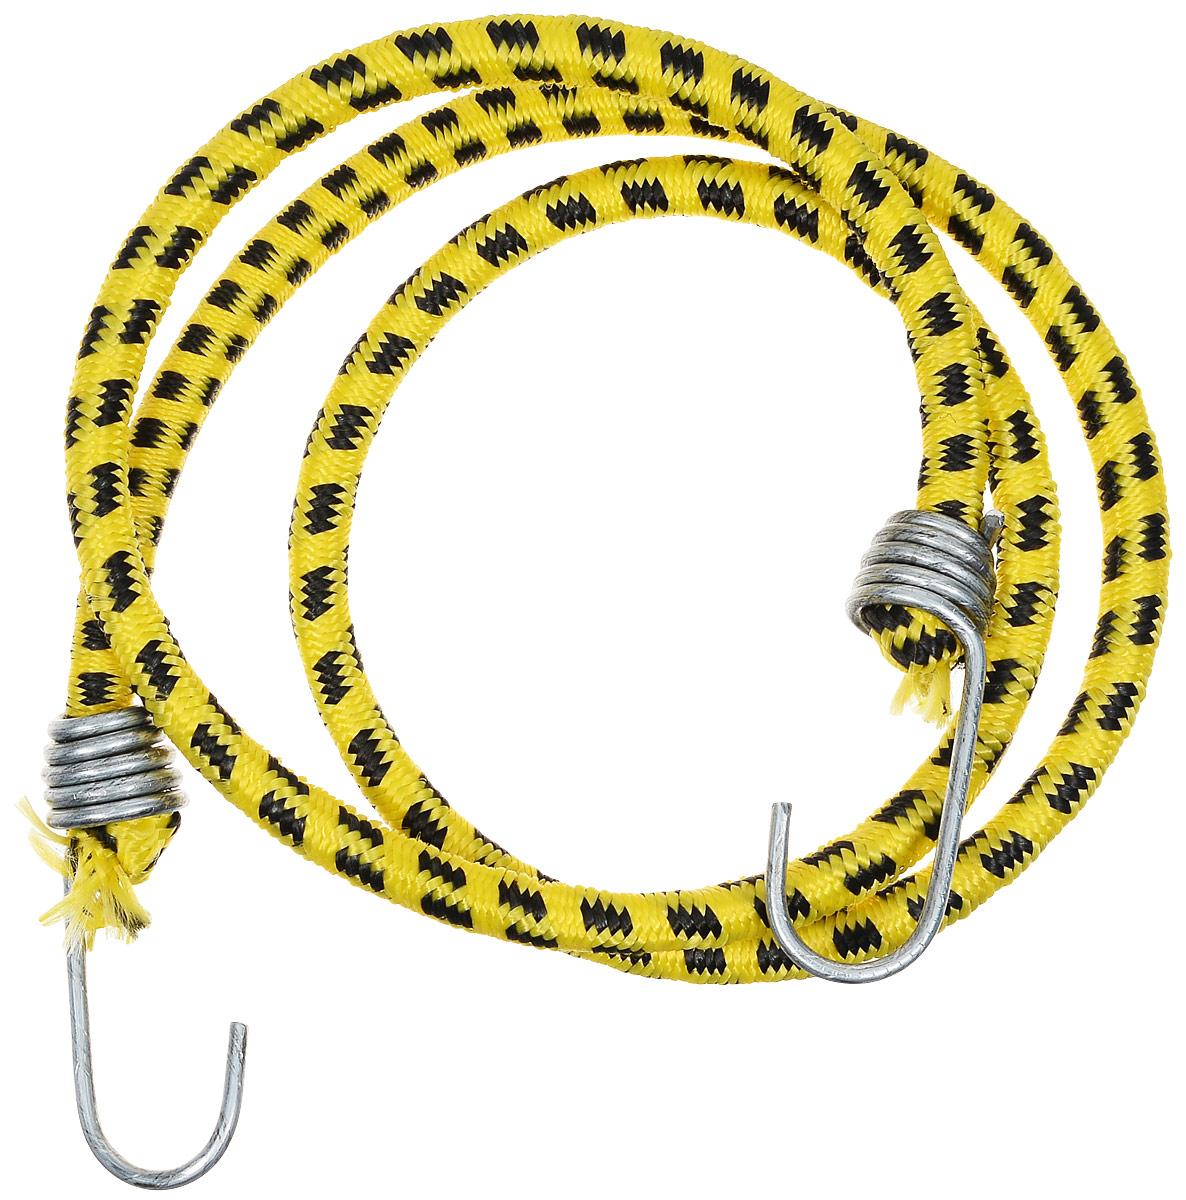 Резинка багажная МастерПроф, с крючками, цвет: желтый, черный, 1 х 110 см. АС.020023VCA-00Багажная резинка МастерПроф, выполненная из синтетического каучука, оснащена специальными металлическими крюками, которые обеспечивают прочное крепление и не допускают смещение груза во время его перевозки. Резинка применяется для закрепления предметов к багажнику. Она позволит зафиксировать как небольшой груз, так и довольно габаритный.Материал: синтетический каучук. Температура использования: -15°C до +50°C.Безопасное удлинение: 60%.Диаметр резинки: 10 мм.Длина резинки: 110 см.